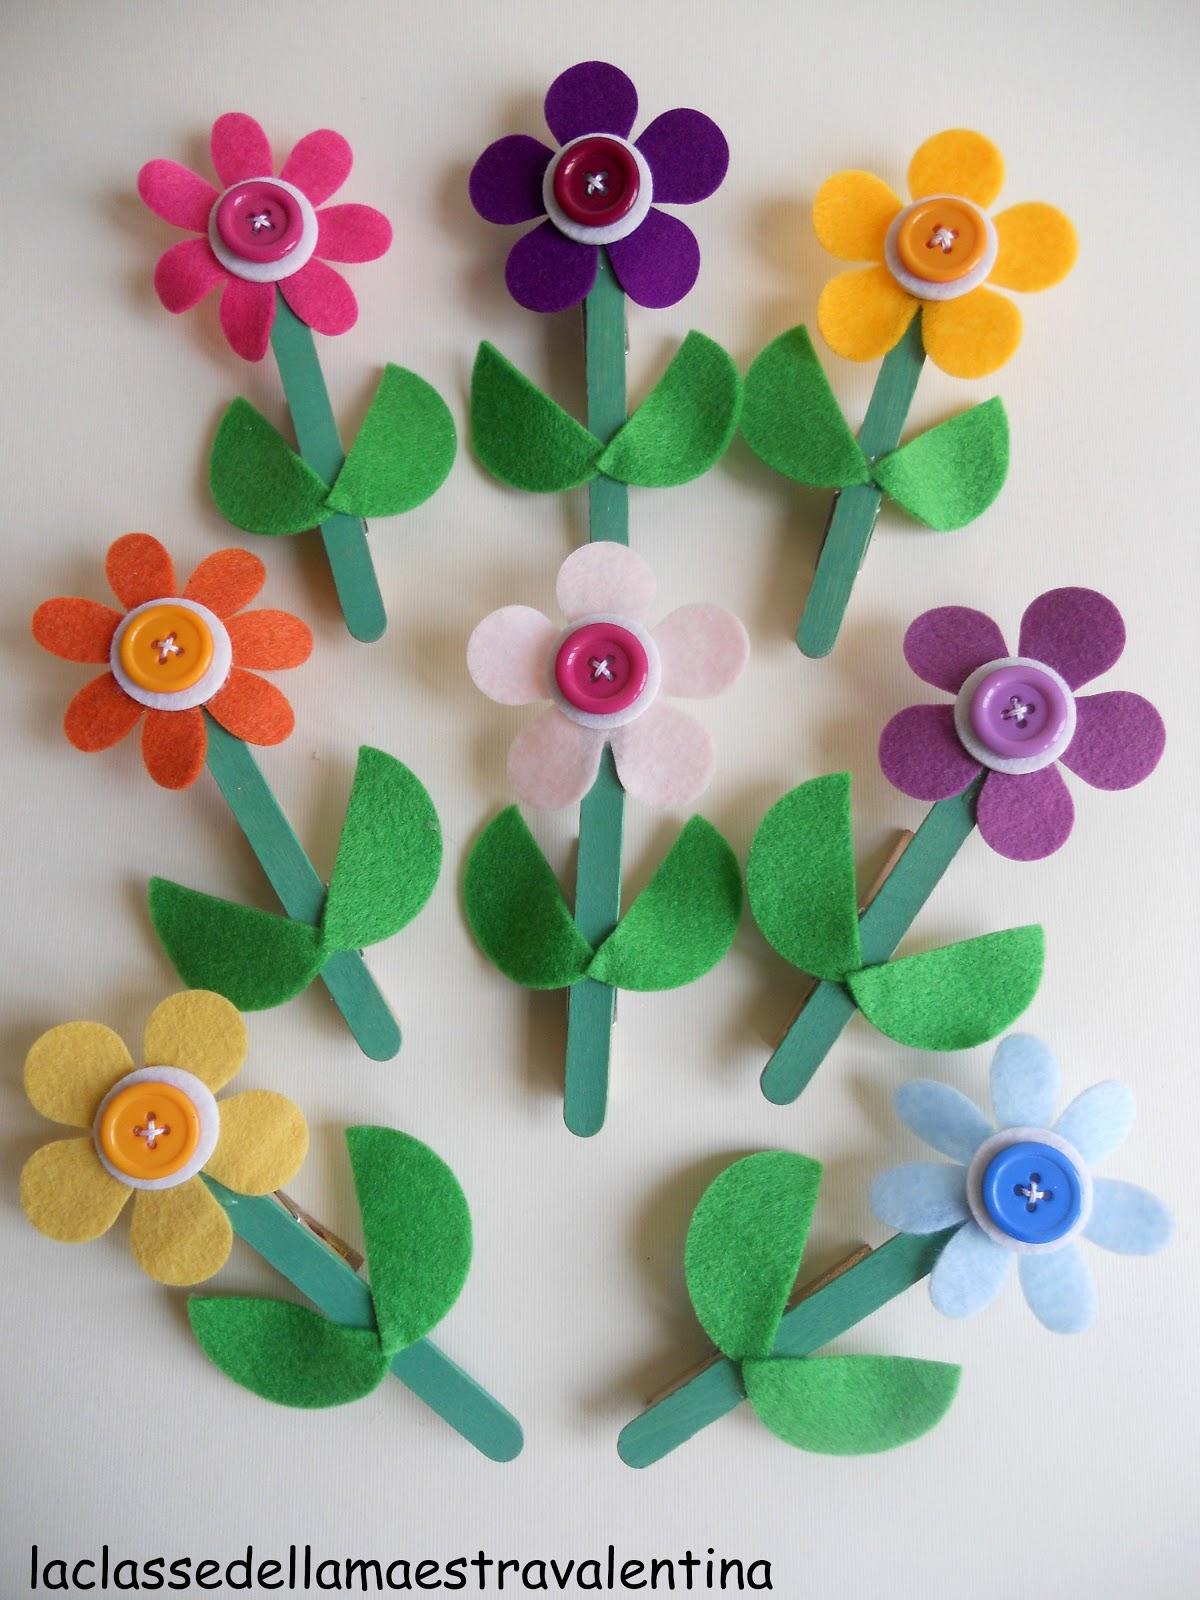 La classe della maestra valentina ancora fiori per la mamma for La classe della maestra valentina primavera